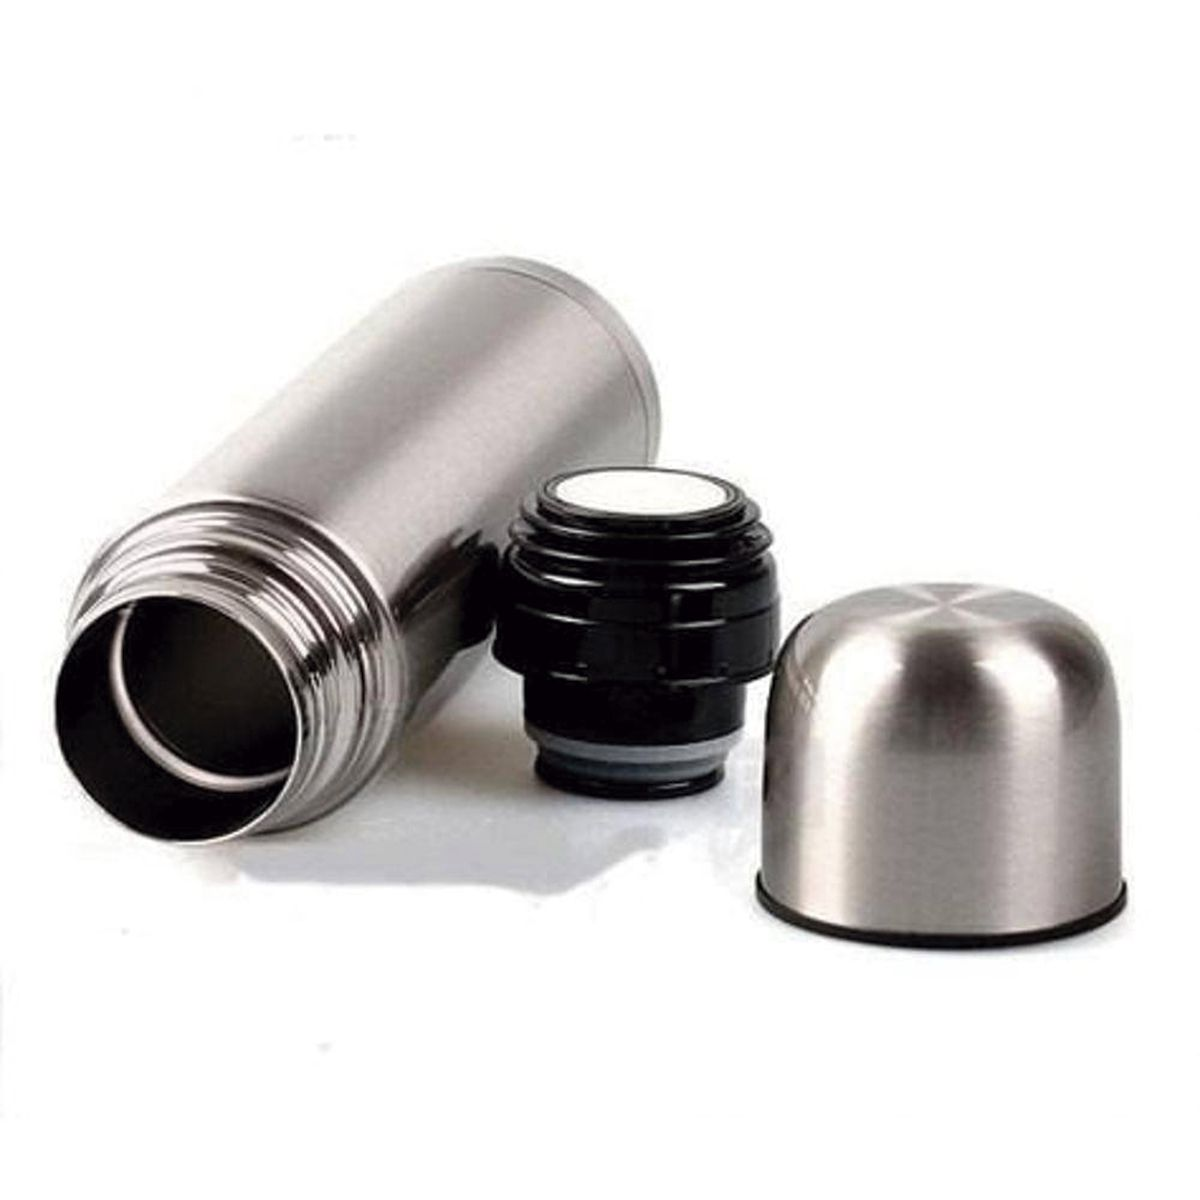 Garrafa Térmica Aço Inox 750ml Quente e Frio C/Bico Dosador